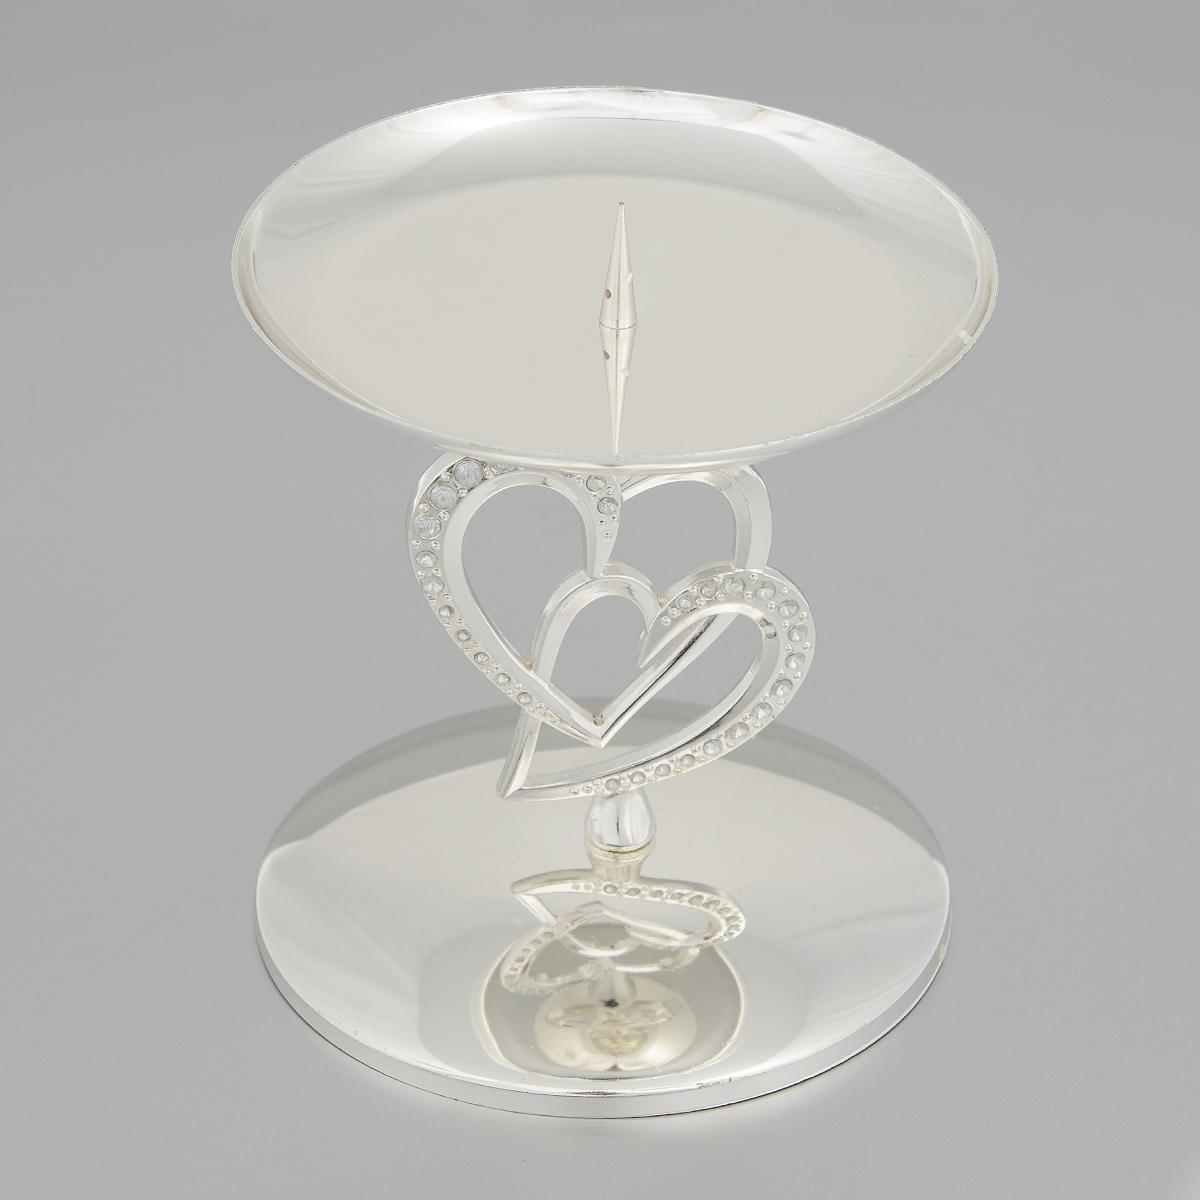 Подсвечник Marquis, высота 12 см. 2164-MR2164-MRПодсвечник Marquis, стилизованный под старину, выполнен из стали с никель-серебряным покрытием. Ножка оформлена сердечками, декорированными стразами. Подсвечник предназначен для тонких классических свечей и свечей таблеток. Свеча устанавливается на чаше с помощью специального шпиля. Такой подсвечник позволит вам украсить интерьер дома или рабочего кабинета оригинальным образом. Вы сможете не просто внести в интерьер своего дома элемент необычности, но и создать атмосферу загадочности и изысканности. Материал: сталь с никель-серебряным покрытием, стекло. Диаметр основания: 11 см. Диаметр (по верхнему краю): 11 см. Высота подсвечника: 12 см.